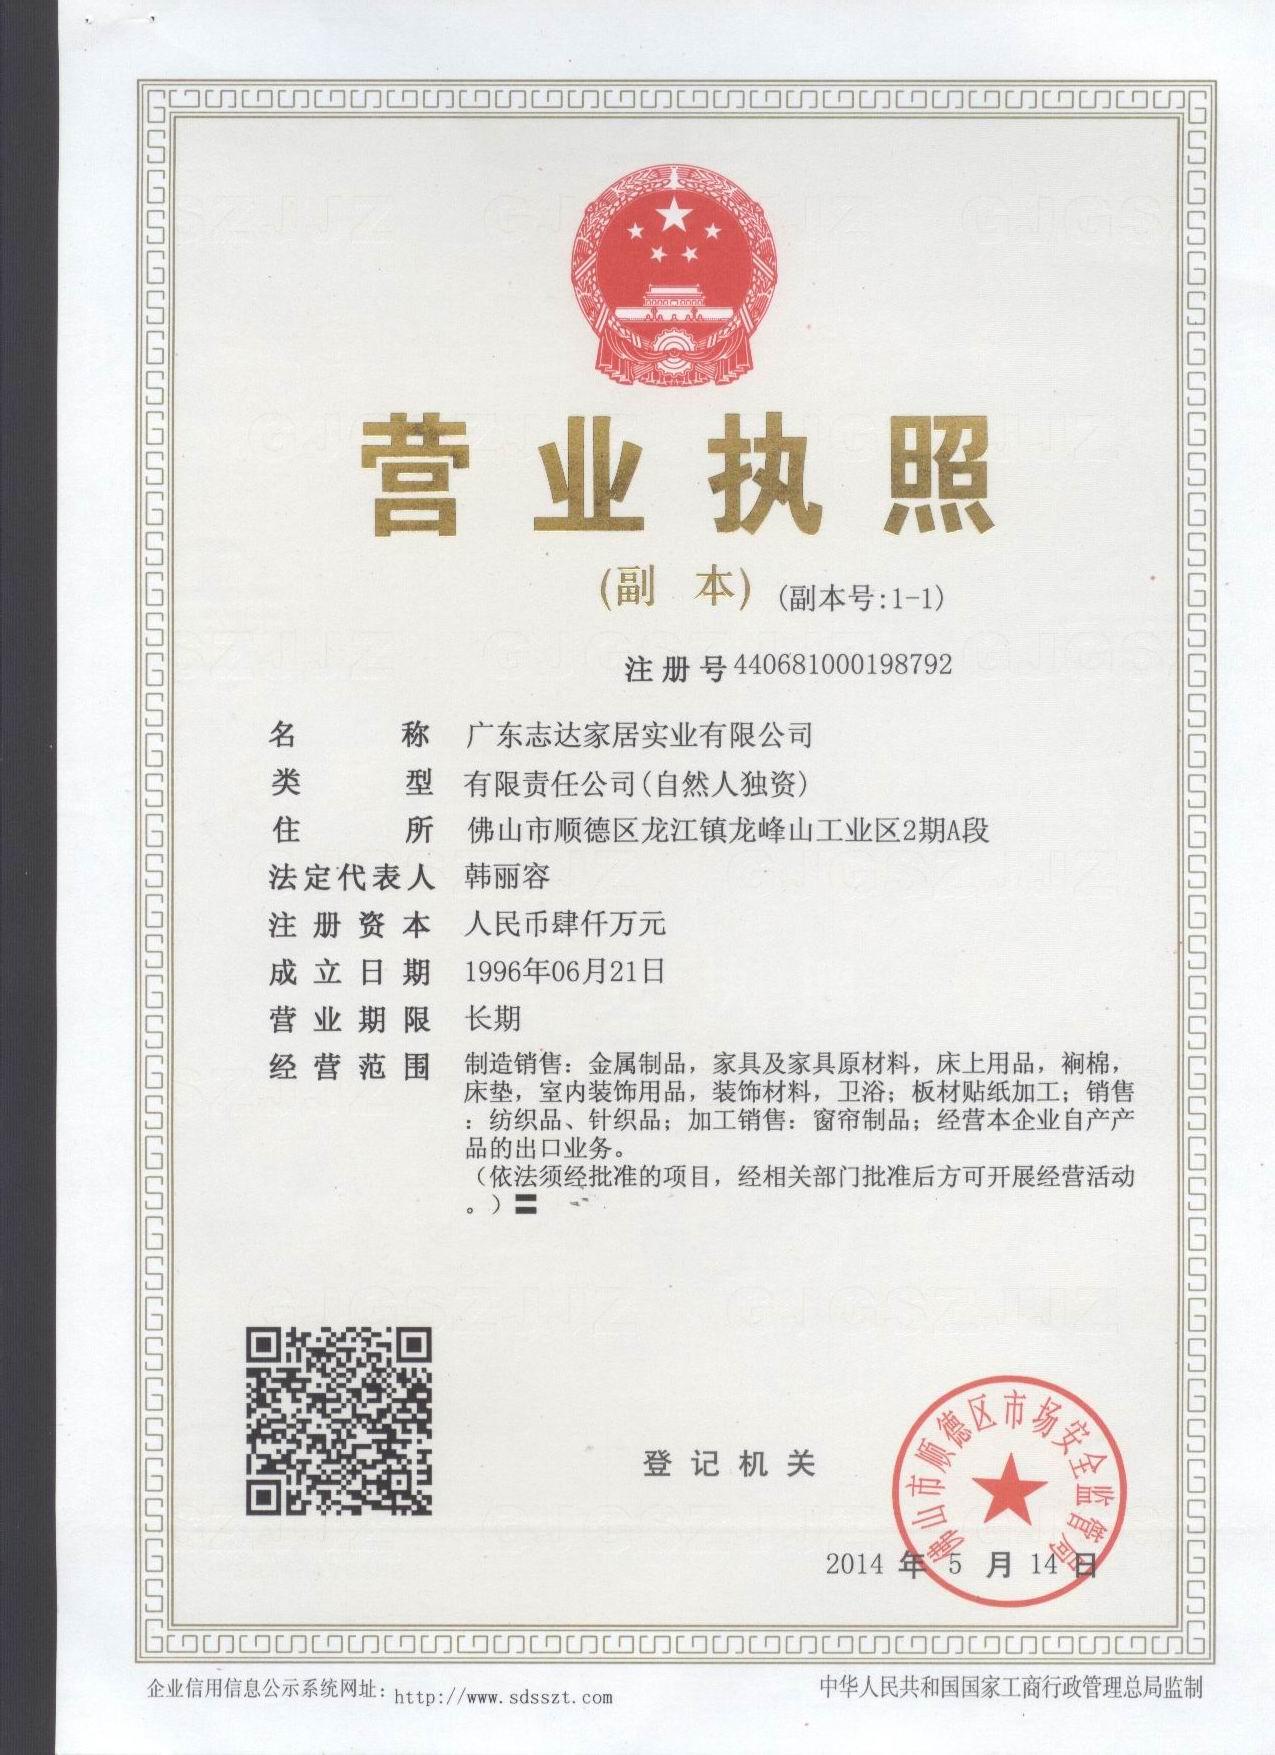 布艺沙发品牌_广东志达家居实业有限公司